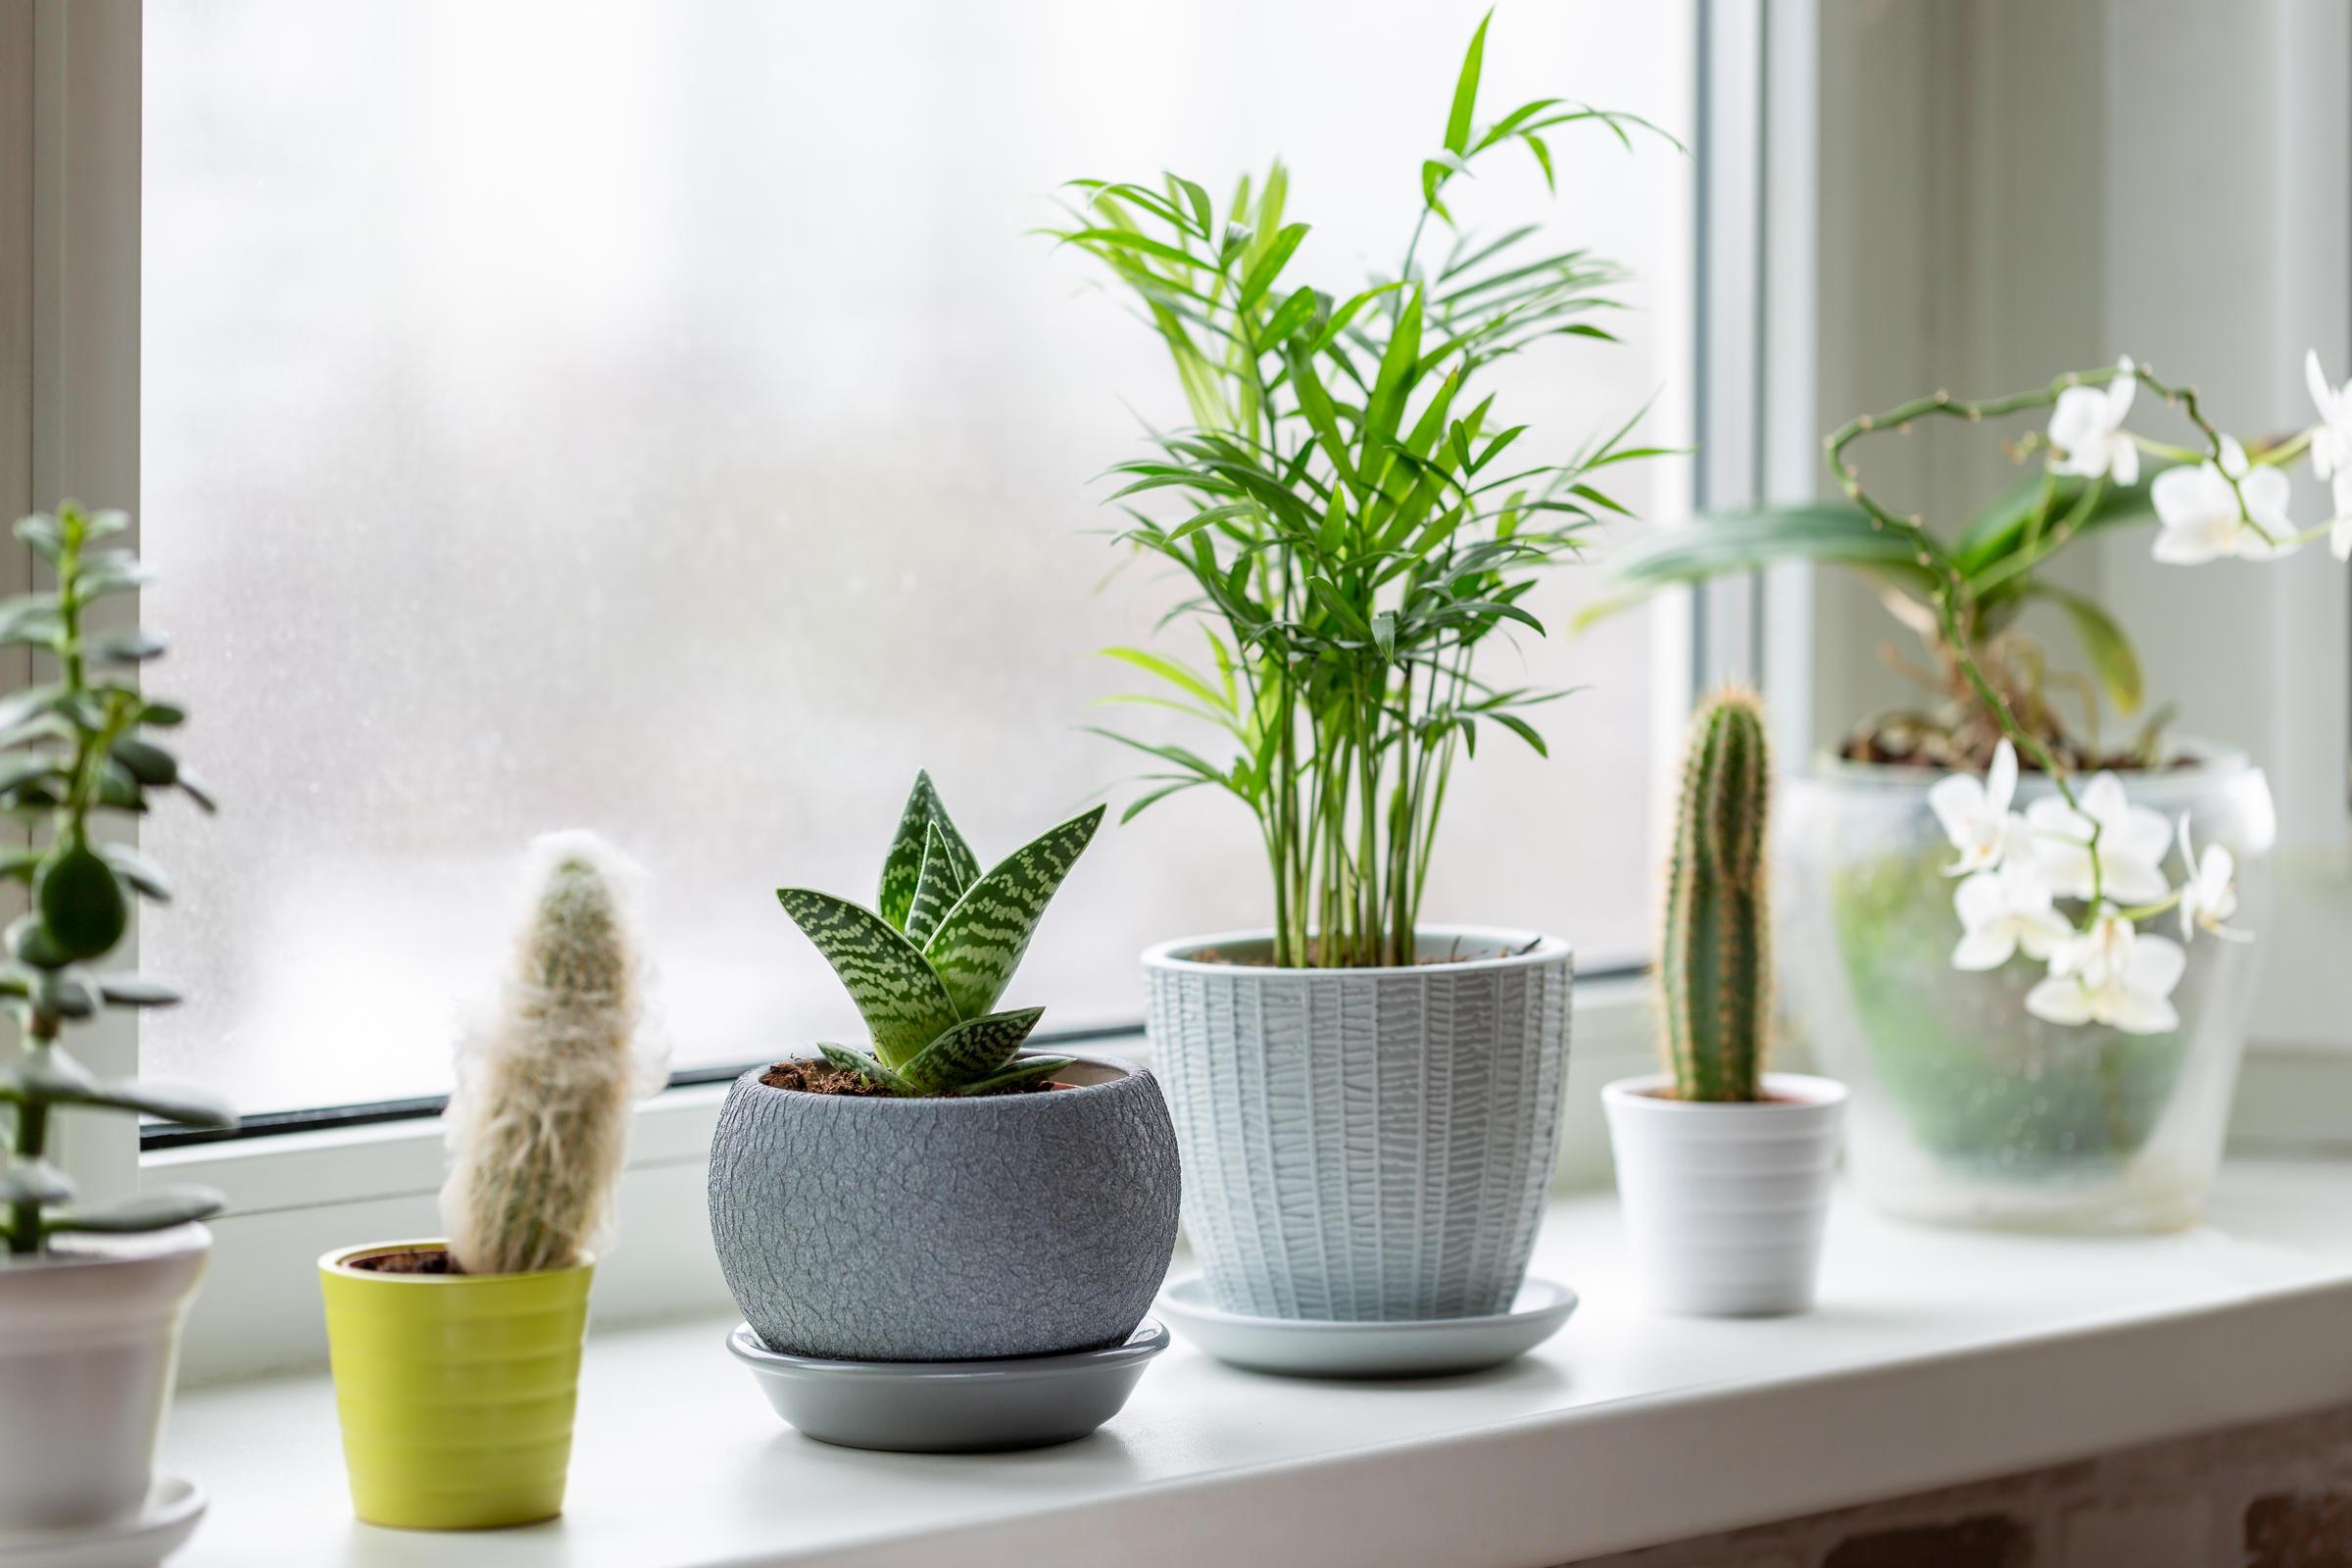 7 Indoor Gardening Tips for Thriving Houseplants